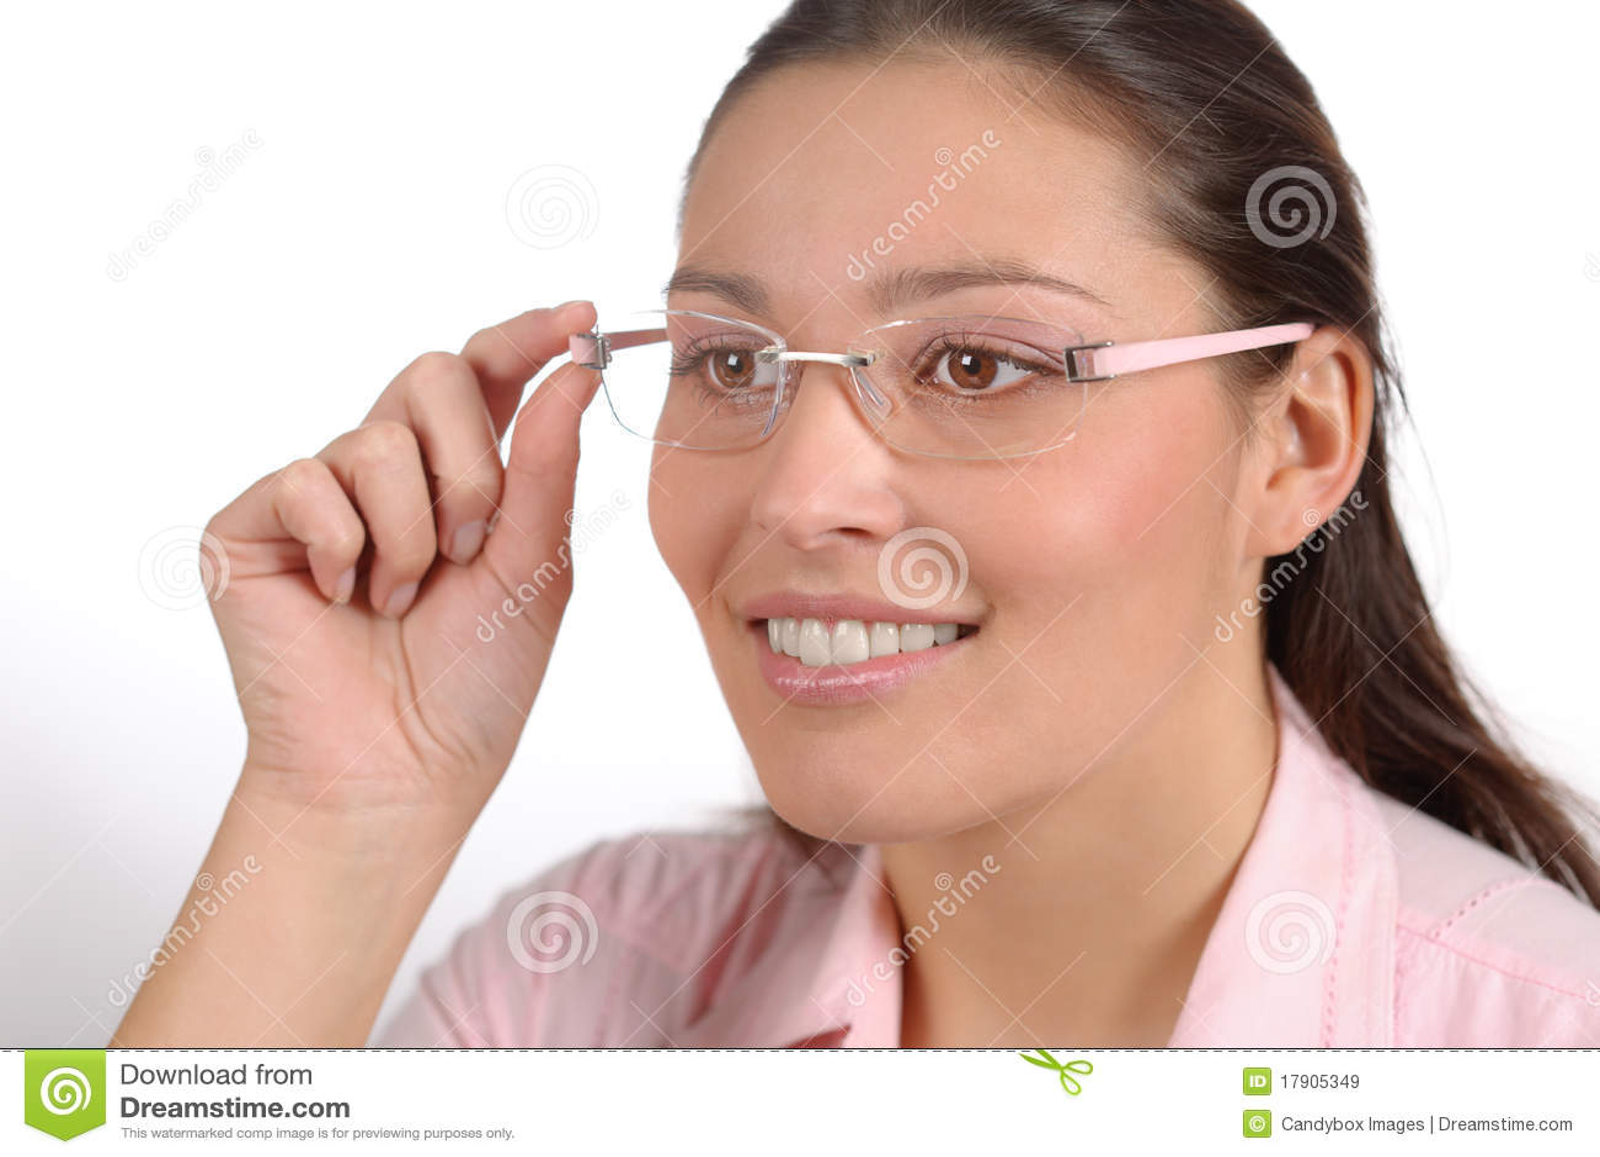 Cool Eyeglasses Pfqh